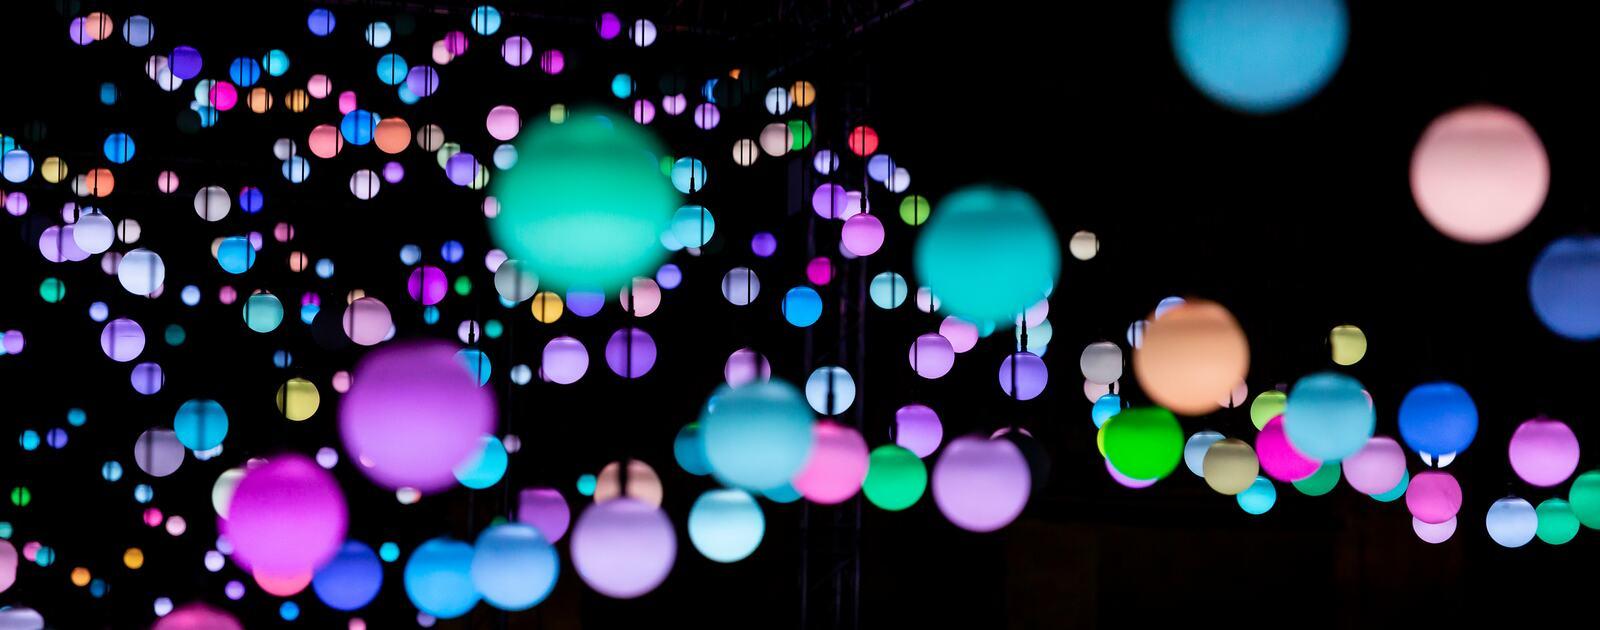 image of light installation